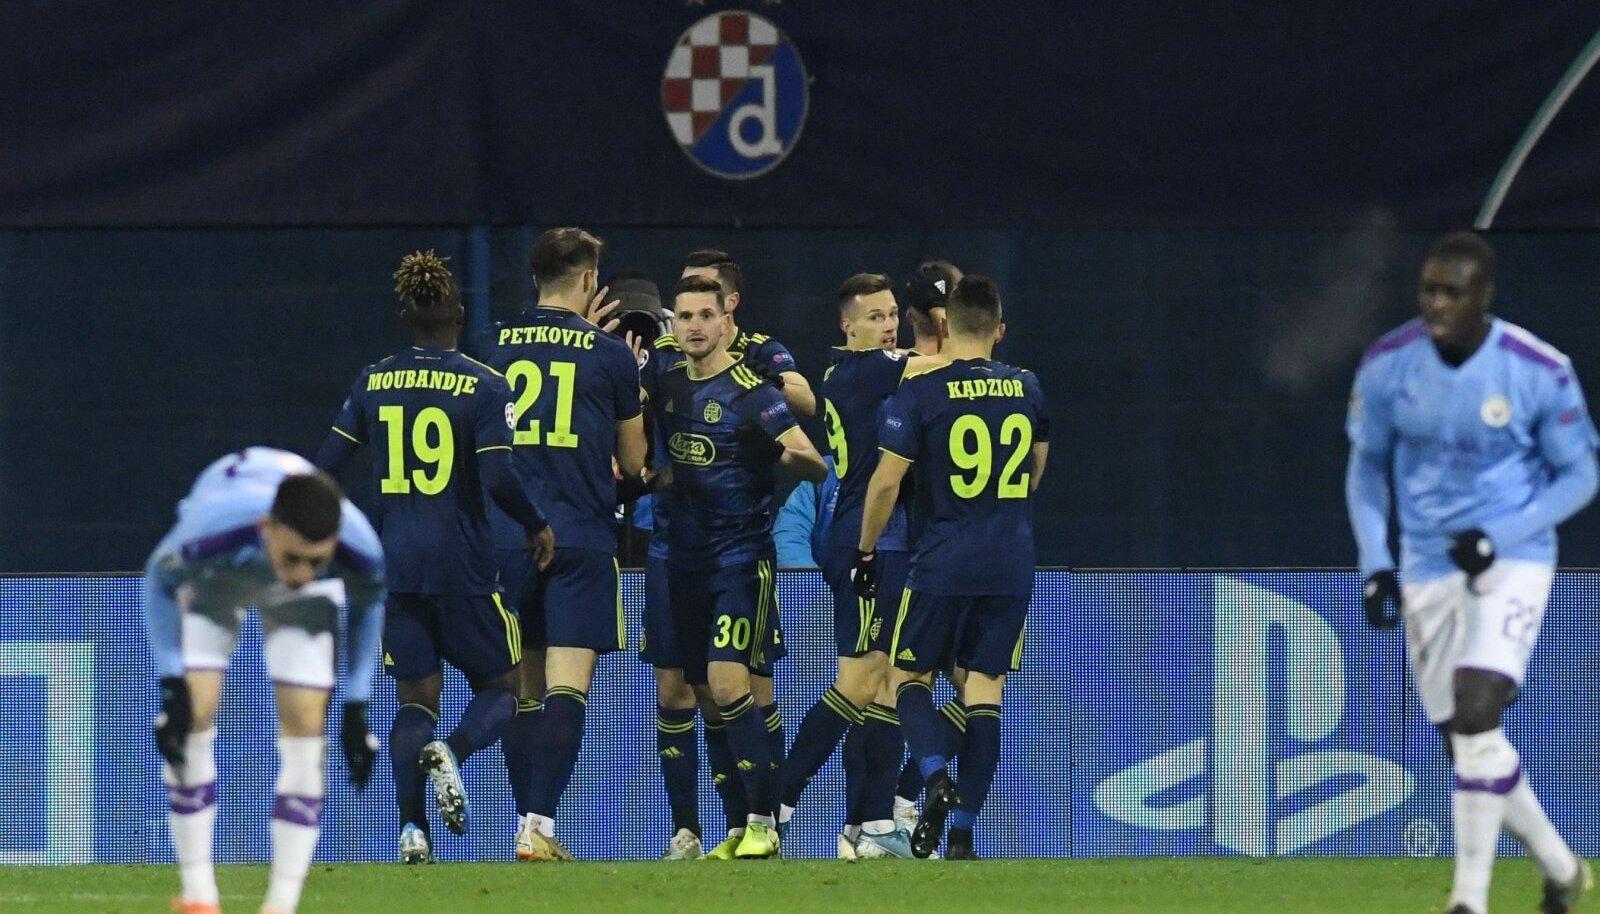 Zagrebi Dinamo mängijad mulluses kohtumises Manchester City vastu.